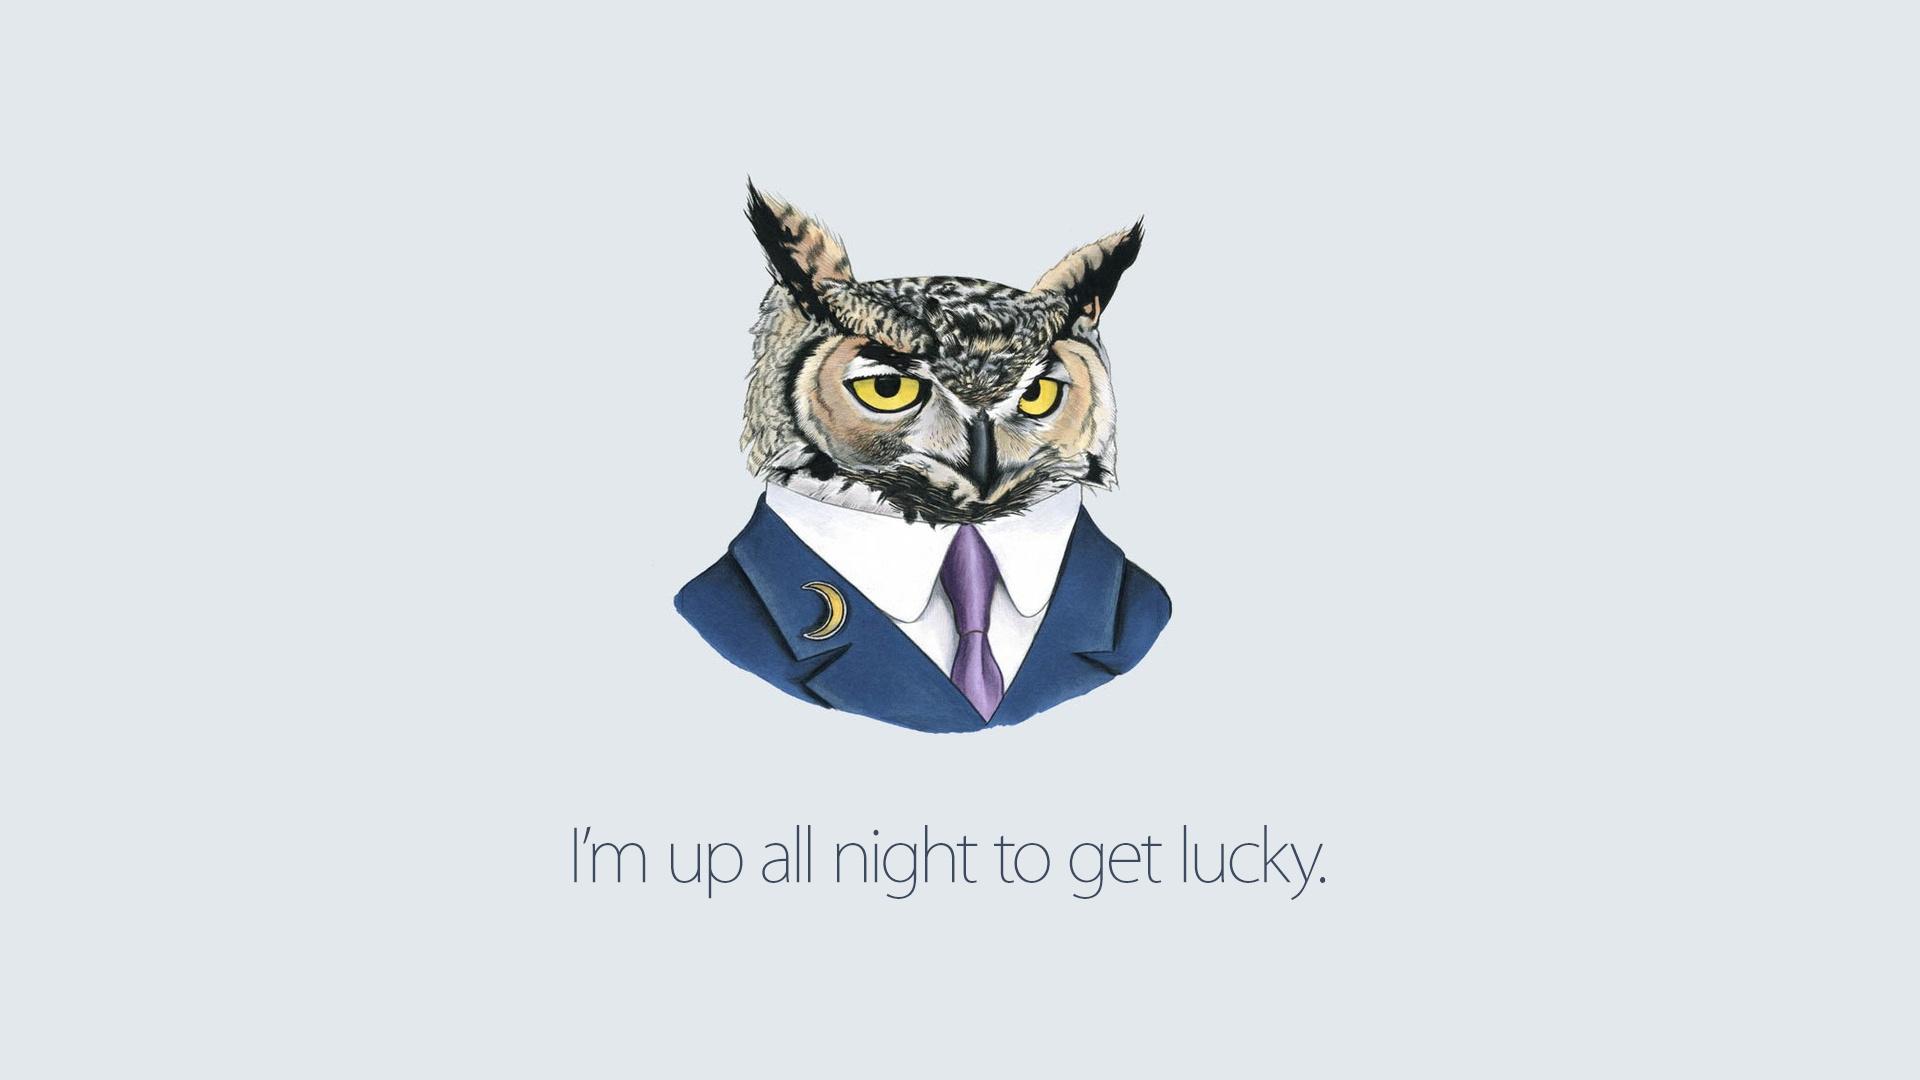 Wallpaper Owl ART Inspiration 1920x1080